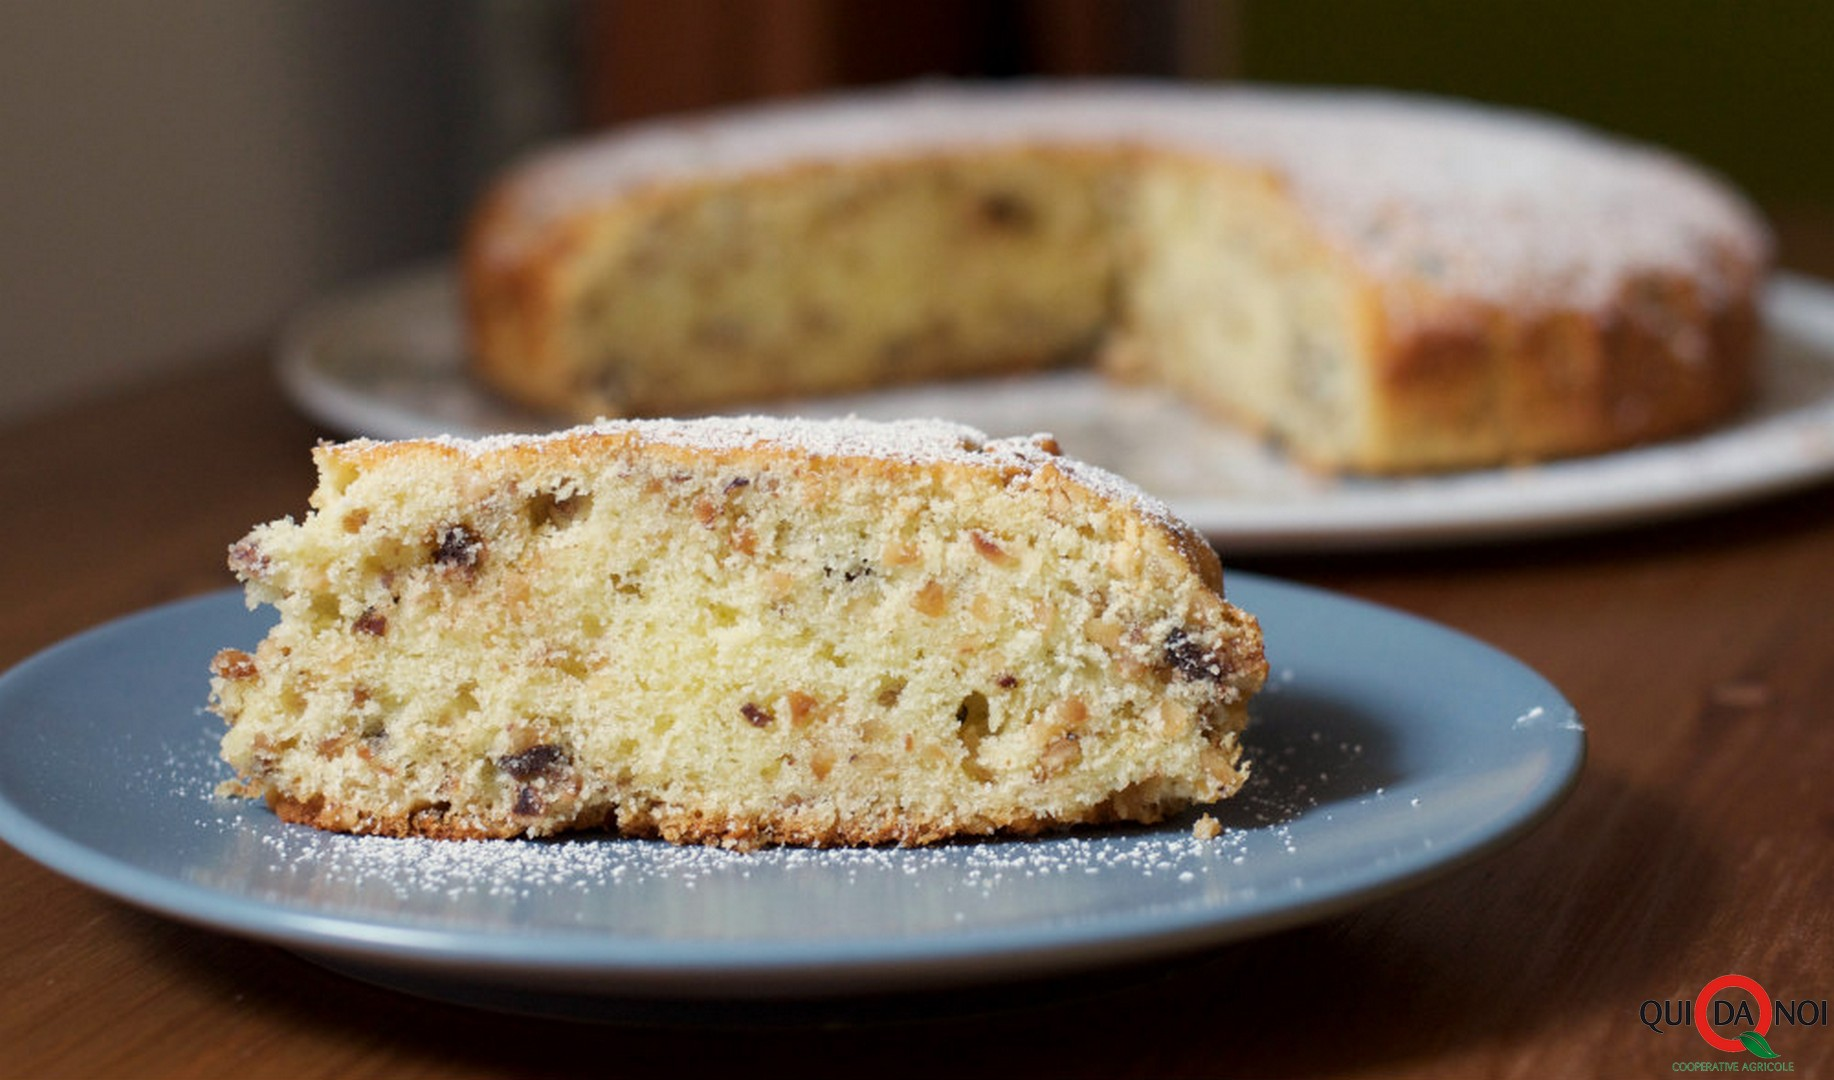 Dolci Da Credenza Biscotti Alle Nocciole : Torta alle nocciole e ricotta qui da noi blog